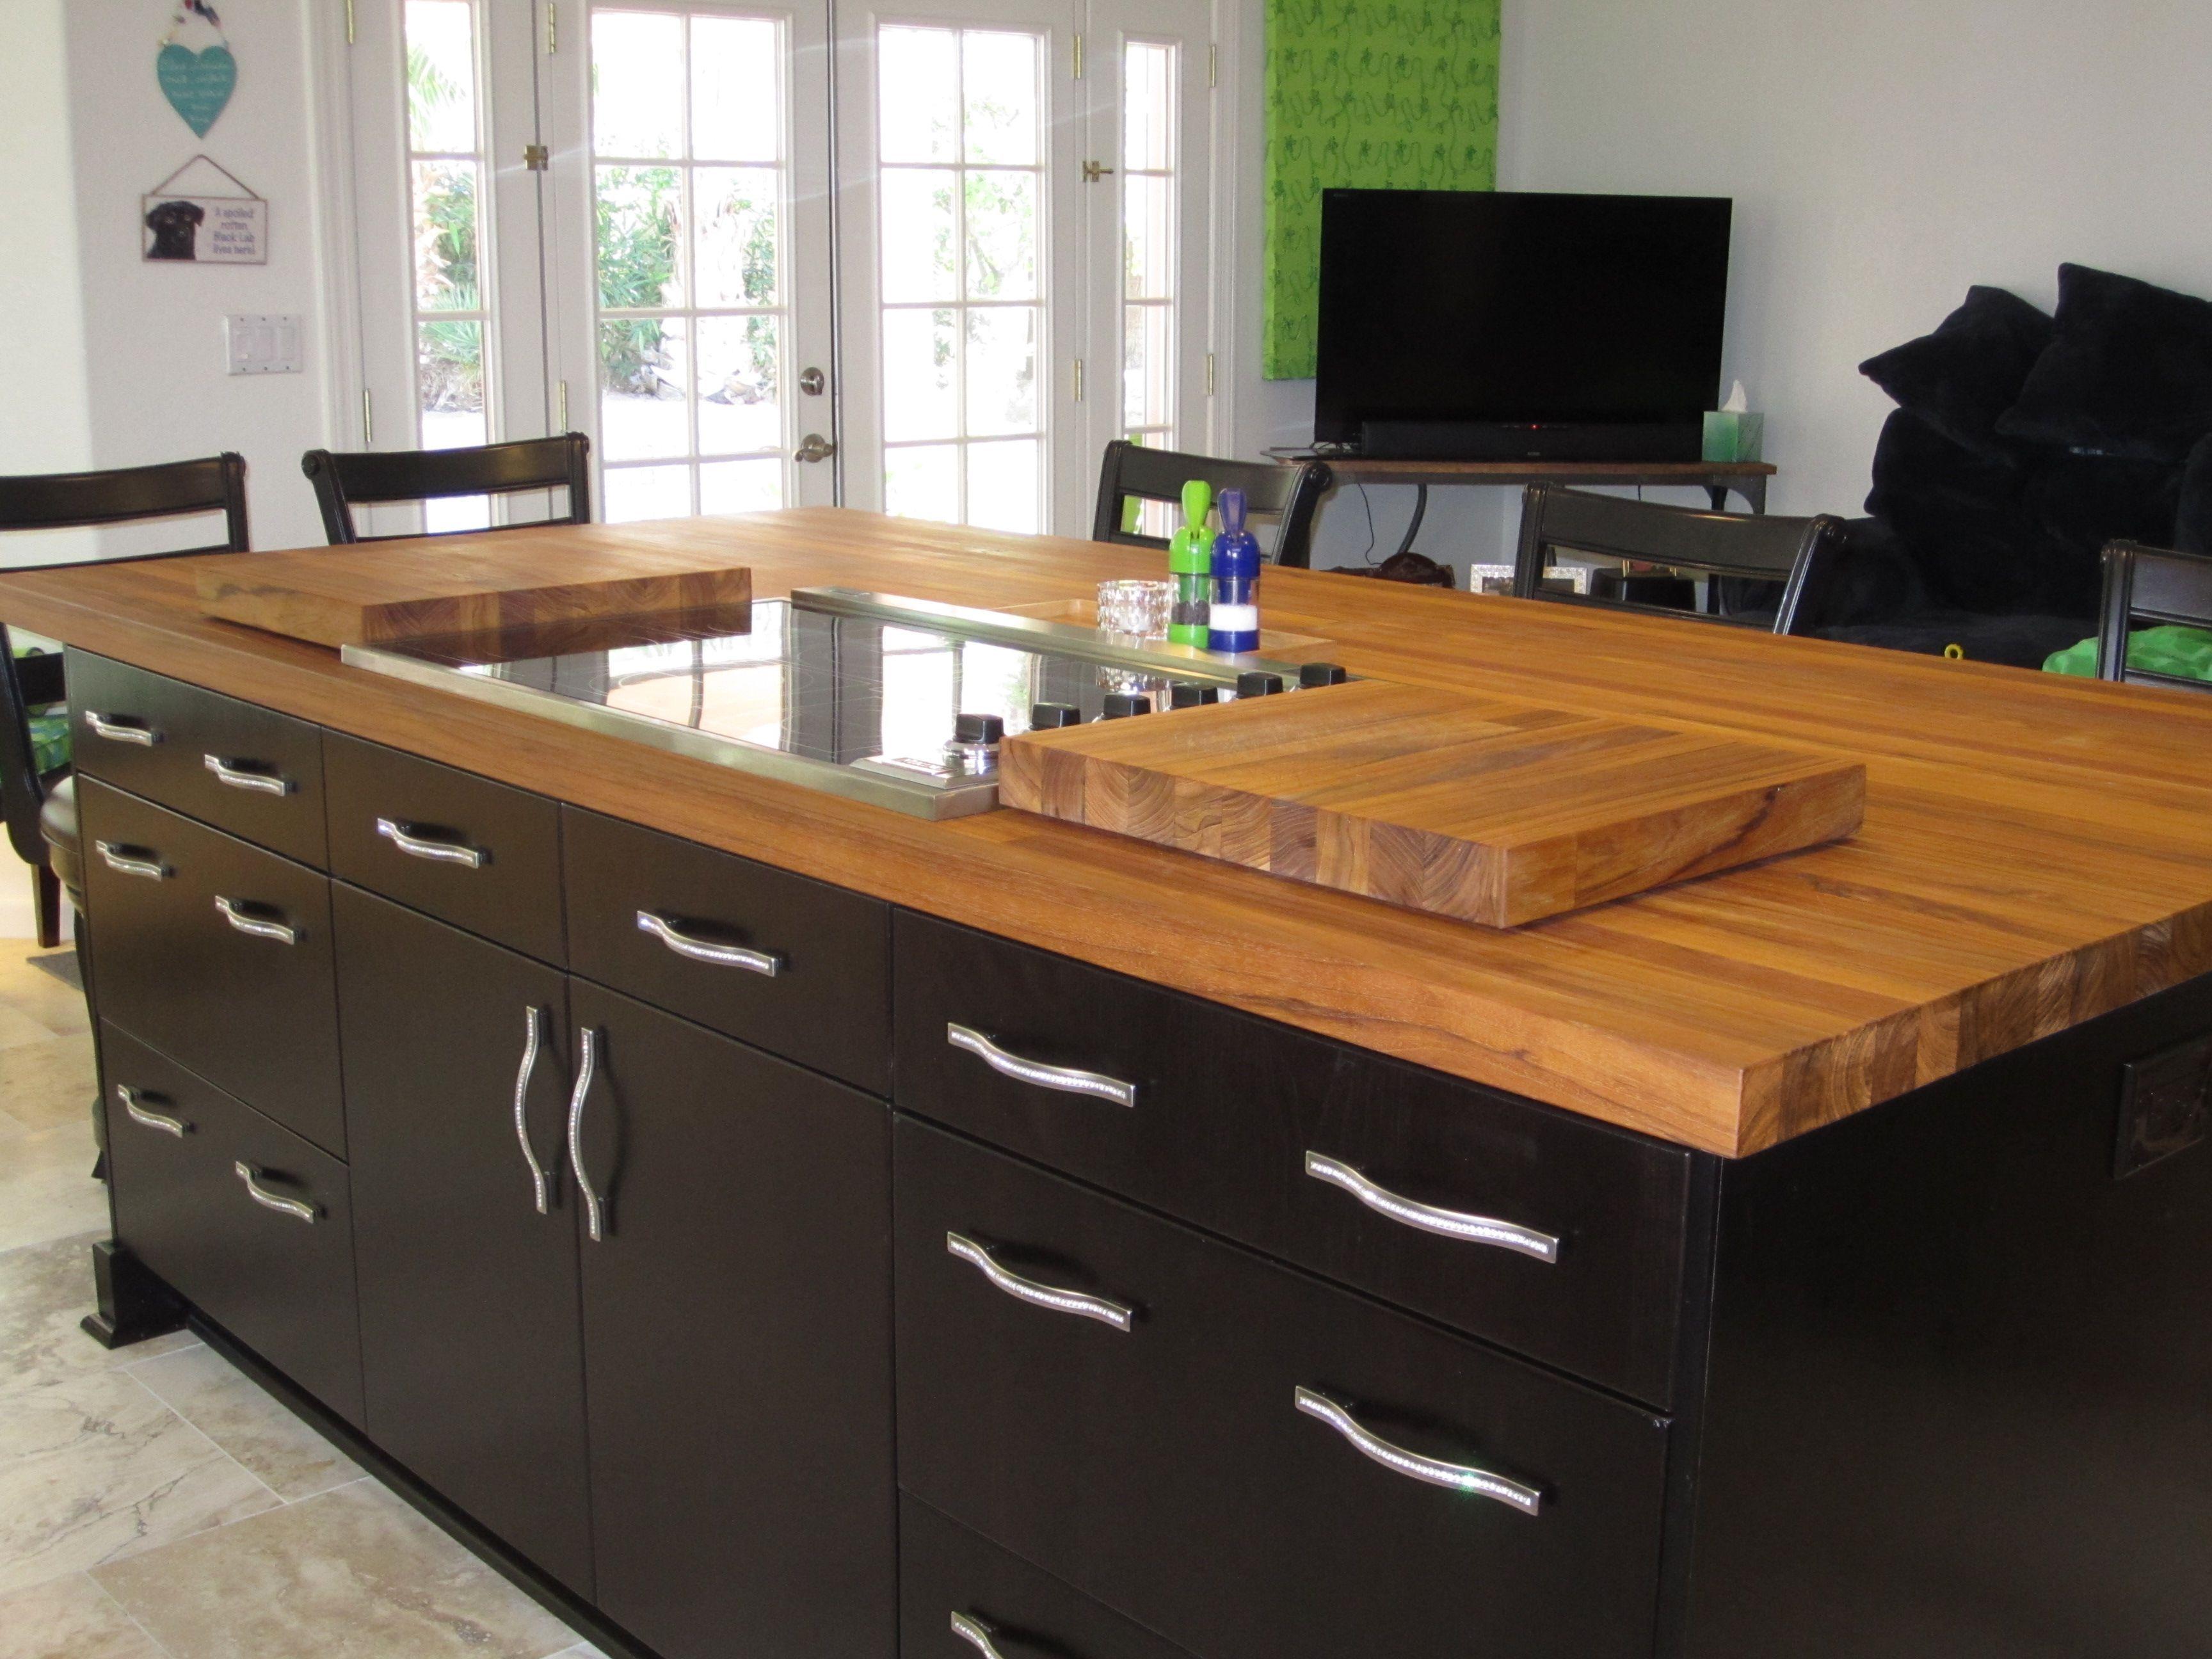 Teak Wood Countertop Photo Gallery By Devos Custom Woodworking Wood Countertops Cheap Countertops Butcher Block Countertops